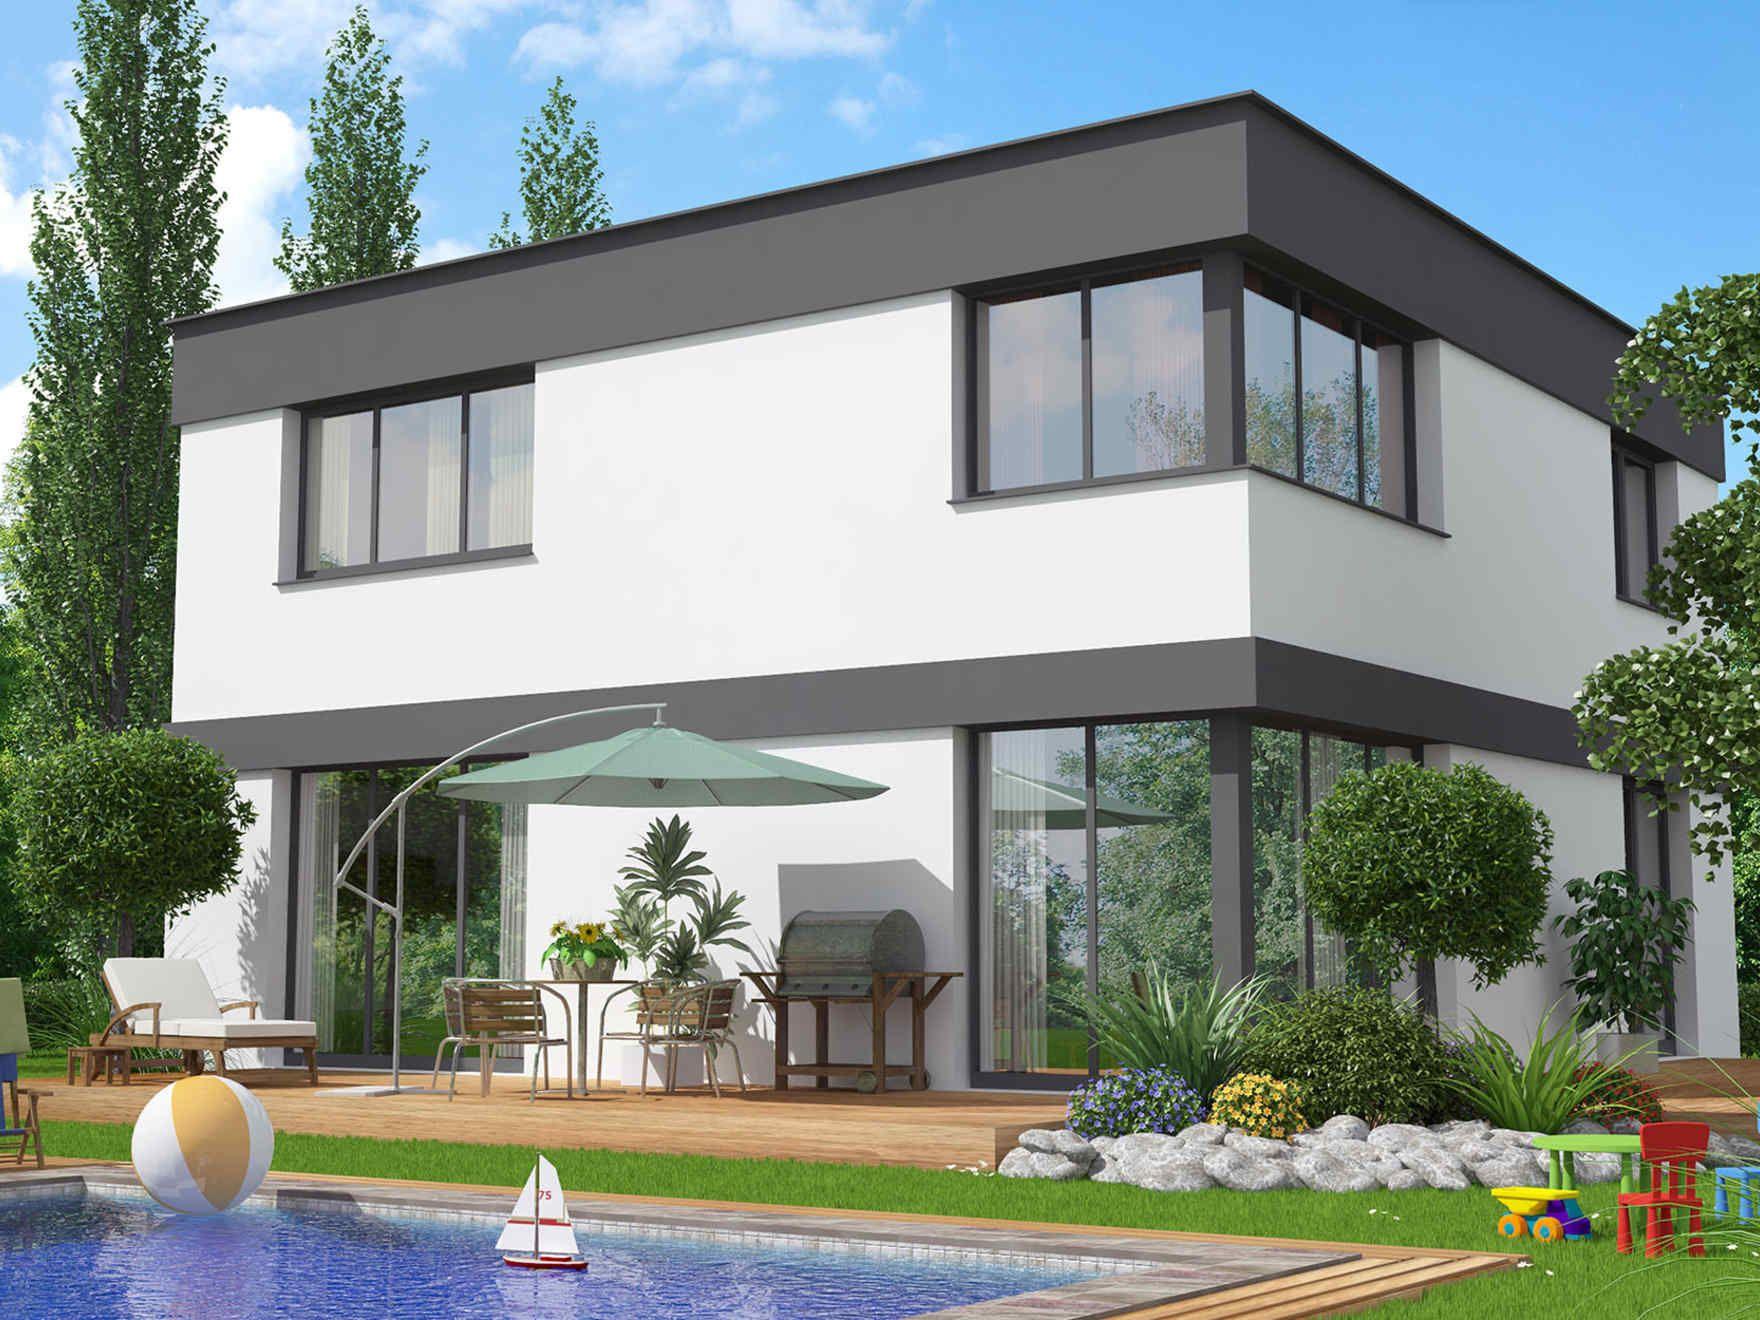 haus einfamilienhaus modern bauen Modern house design